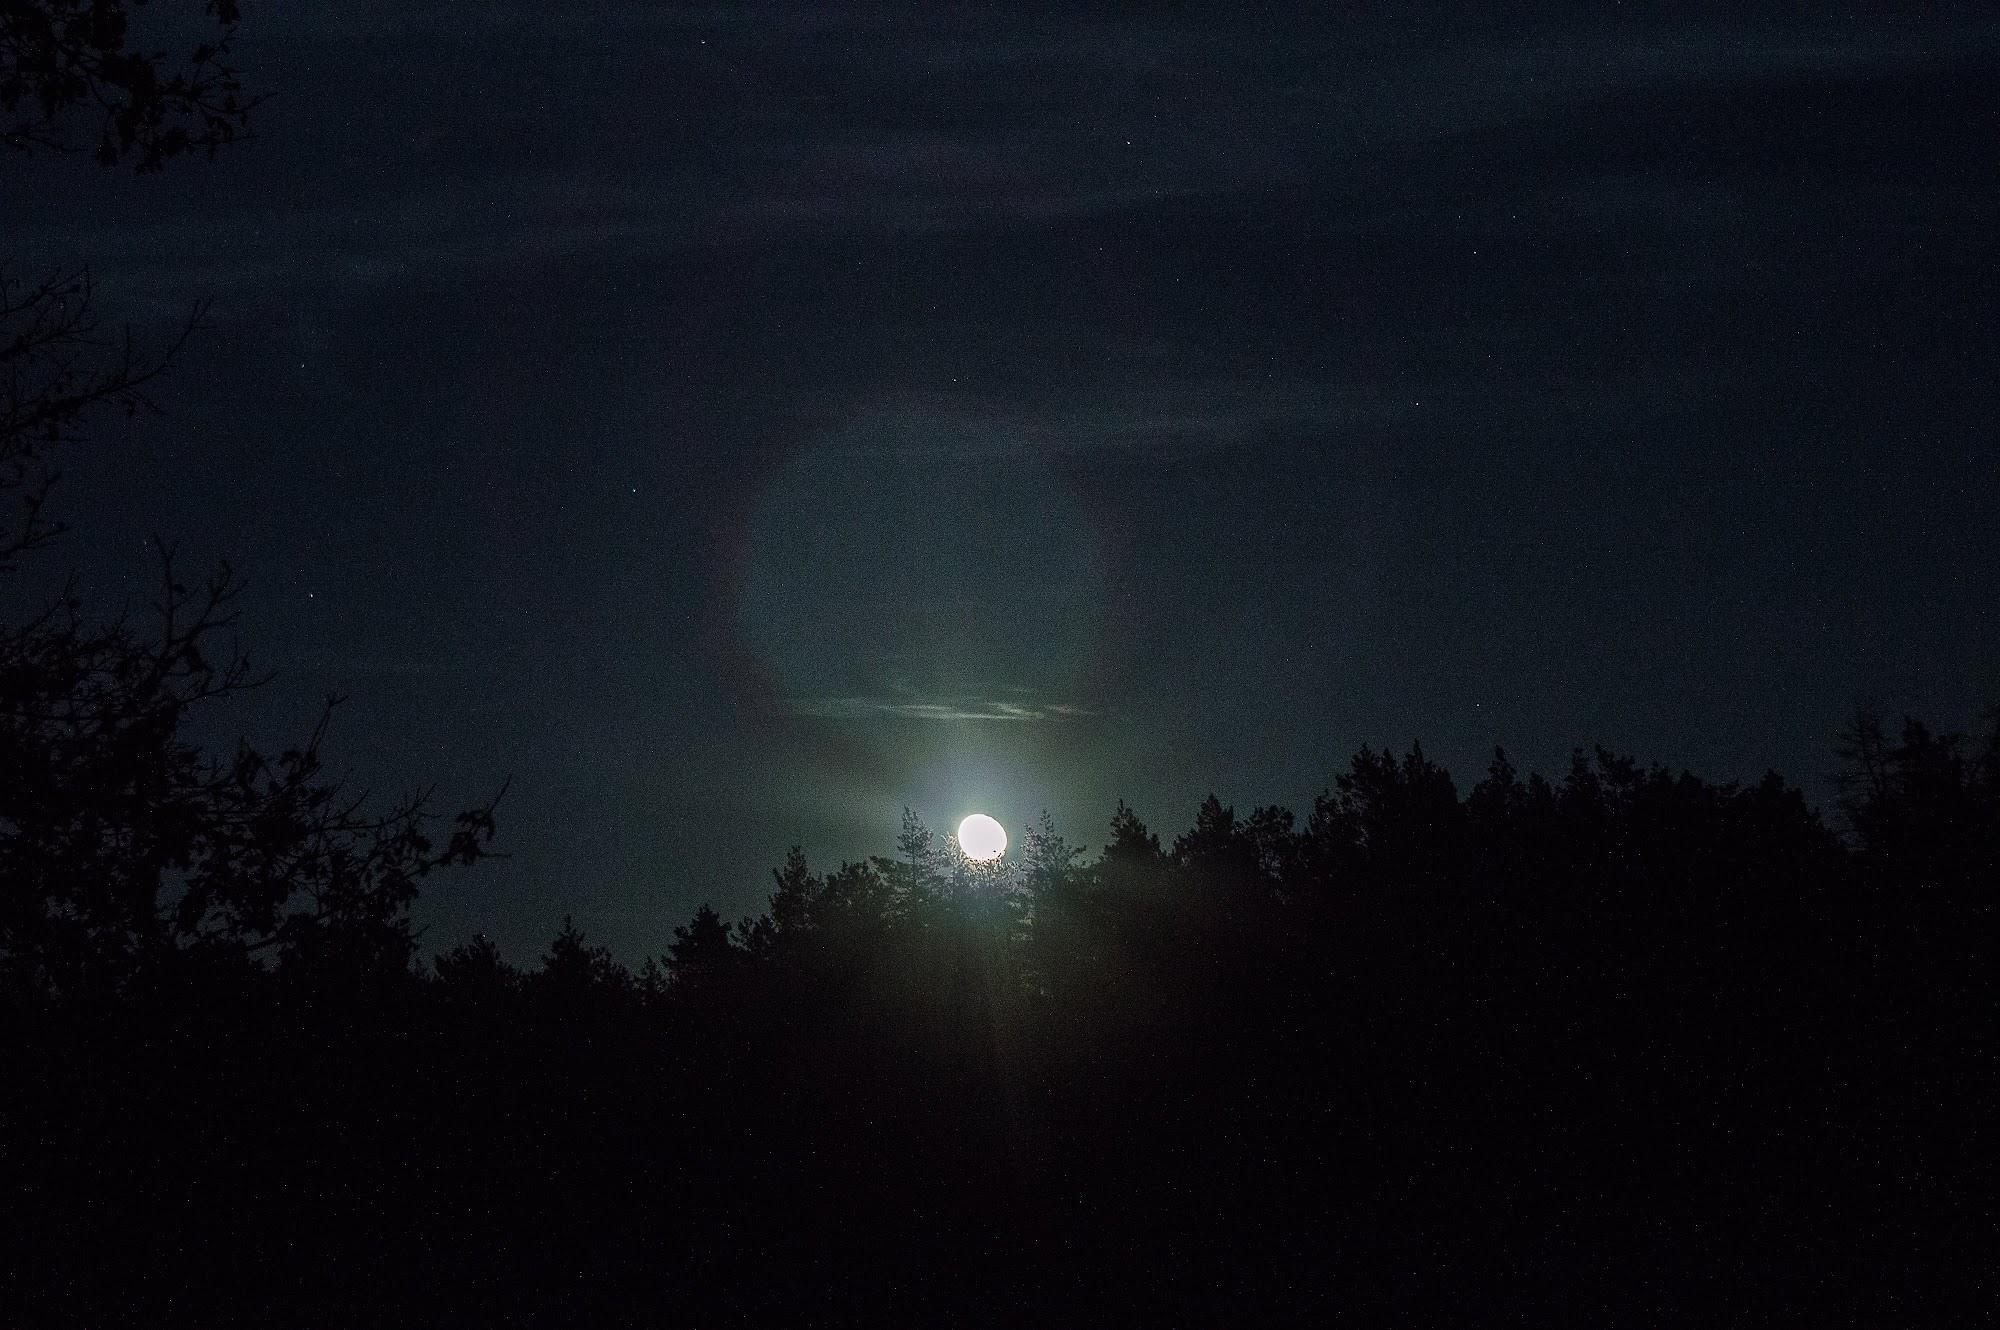 Місяць сходить зза лісу